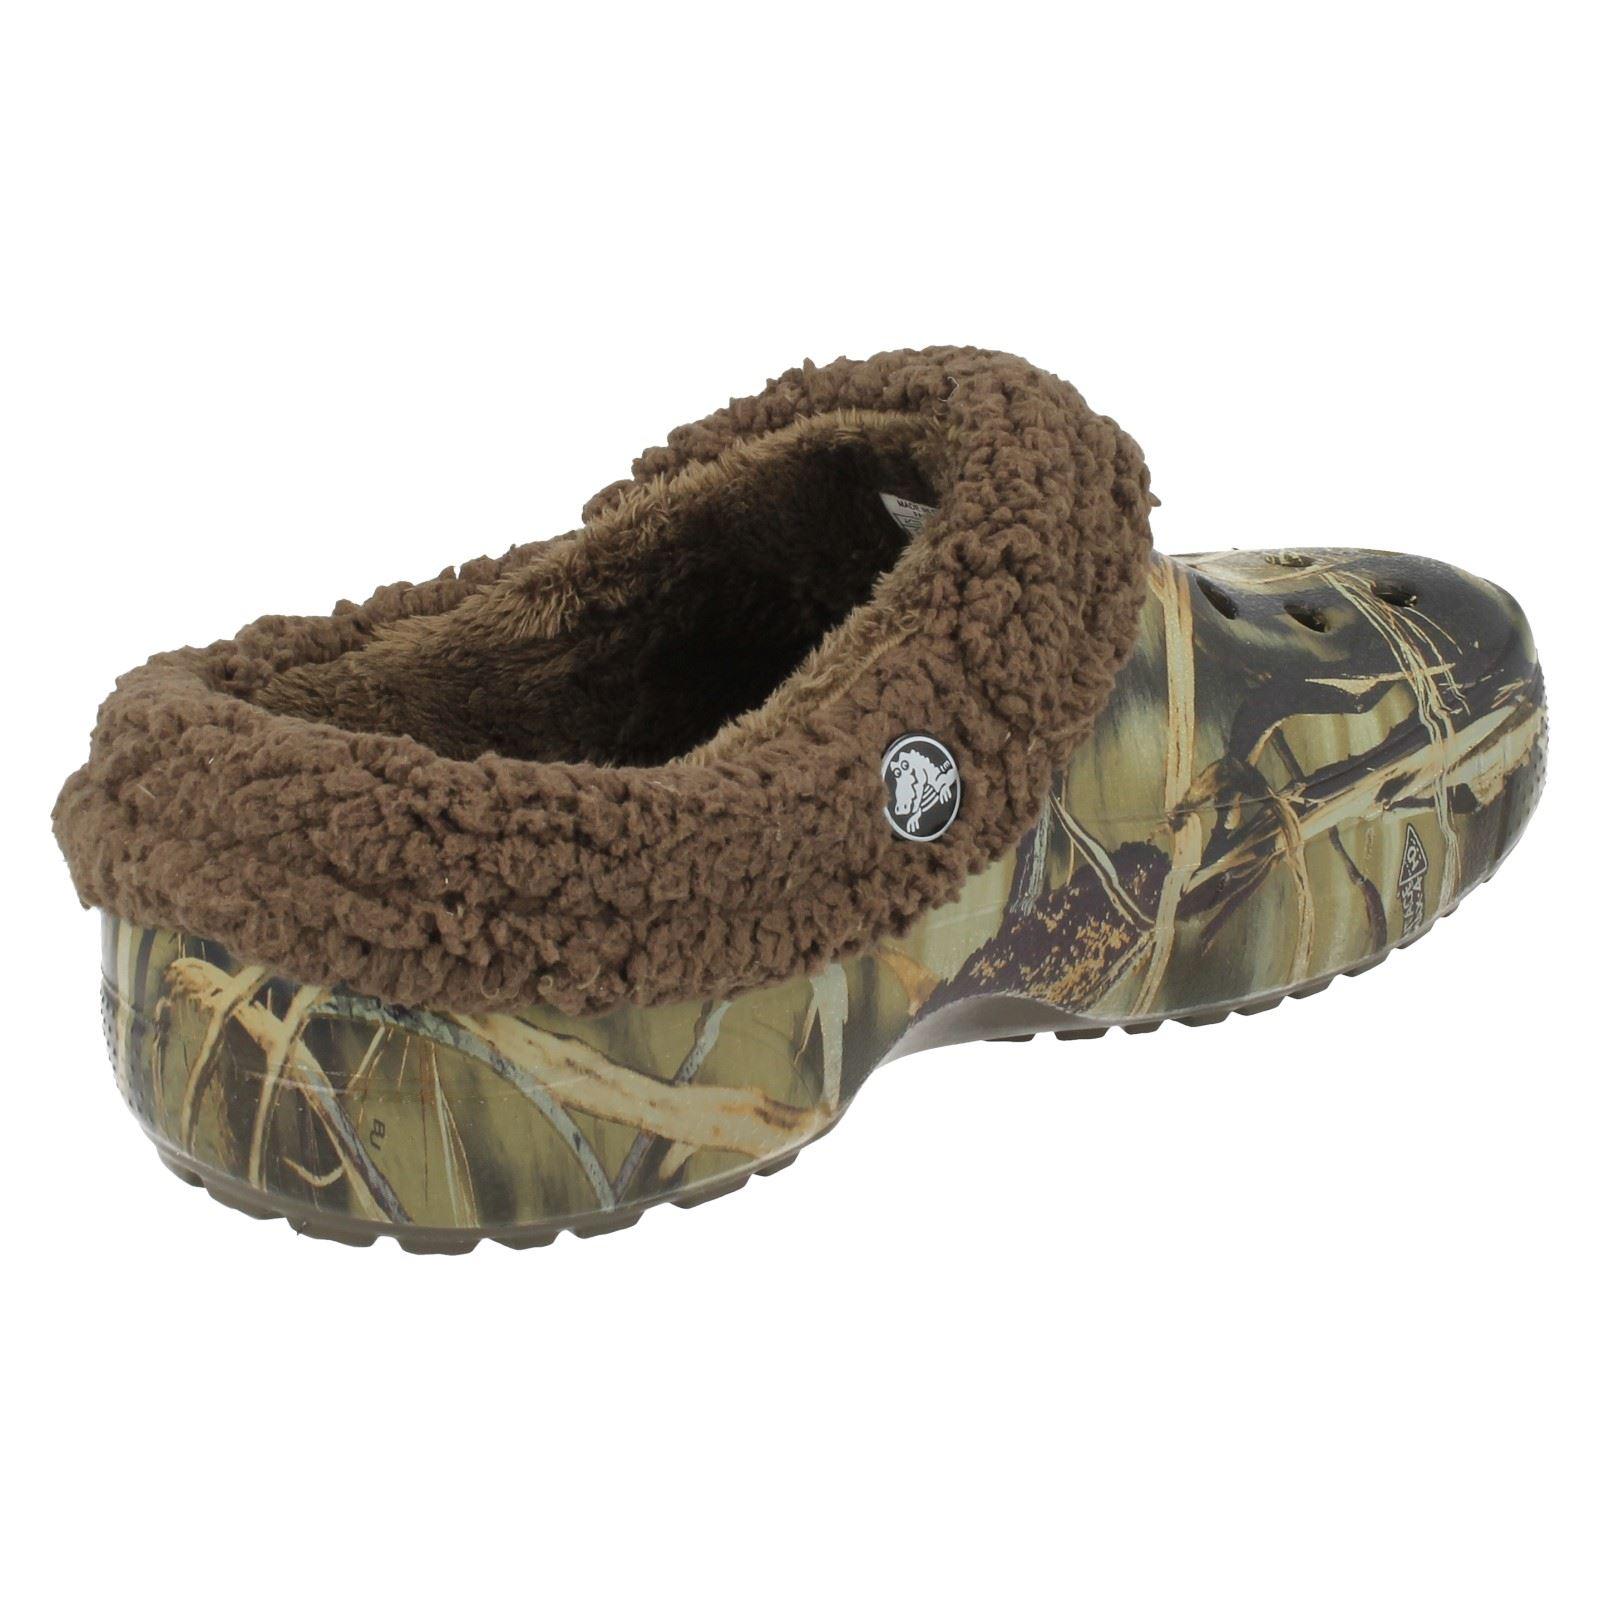 bbb13dd1439eff 1600 x 1600 www.ebay.co.uk. Junior Boys Warm Lined Croc Mules   39 Mammoth  Evo ...